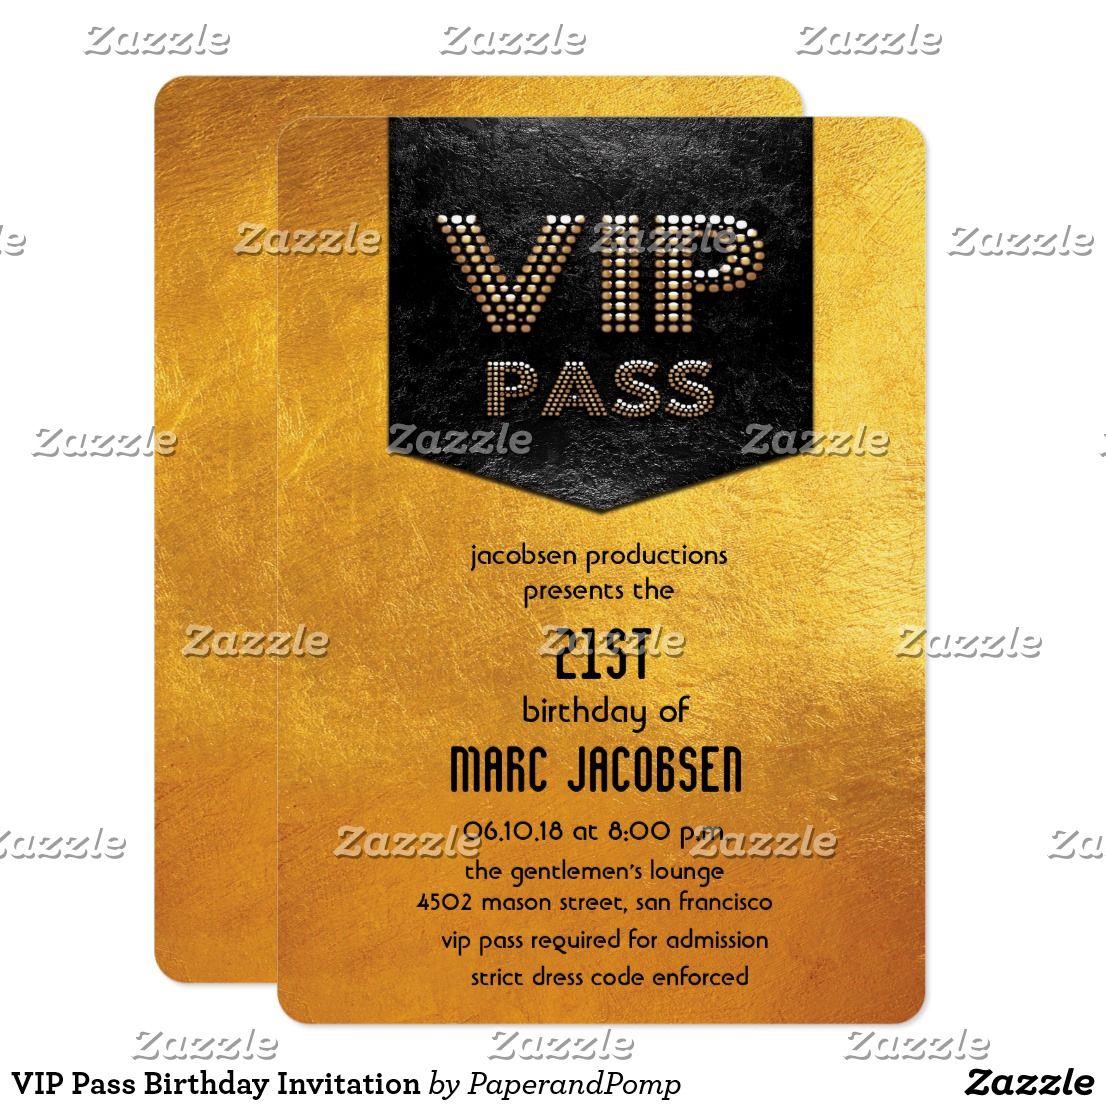 VIP Pass Birthday Invitation | Vip pass, Vip and Birthdays